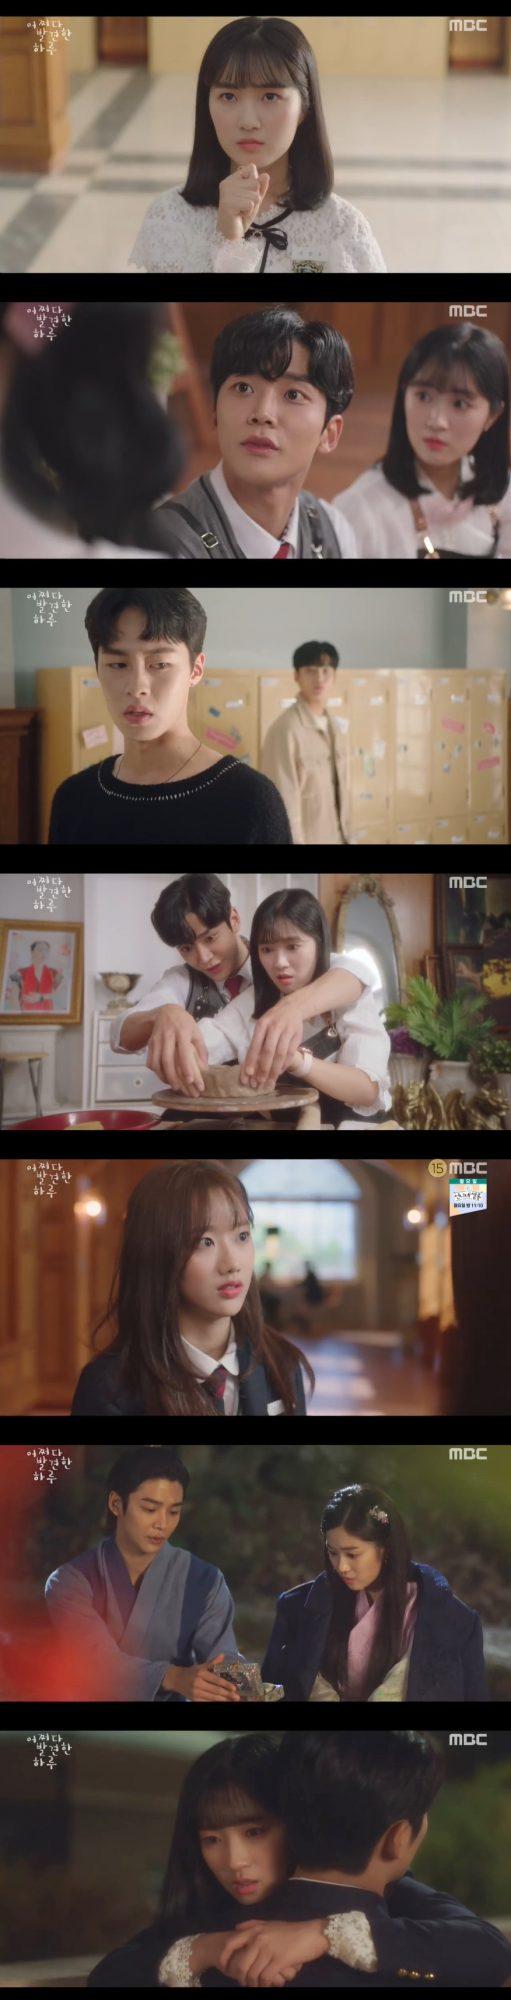 '어쩌다 발견한 하루' 방송 화면./사진제공-=MBC